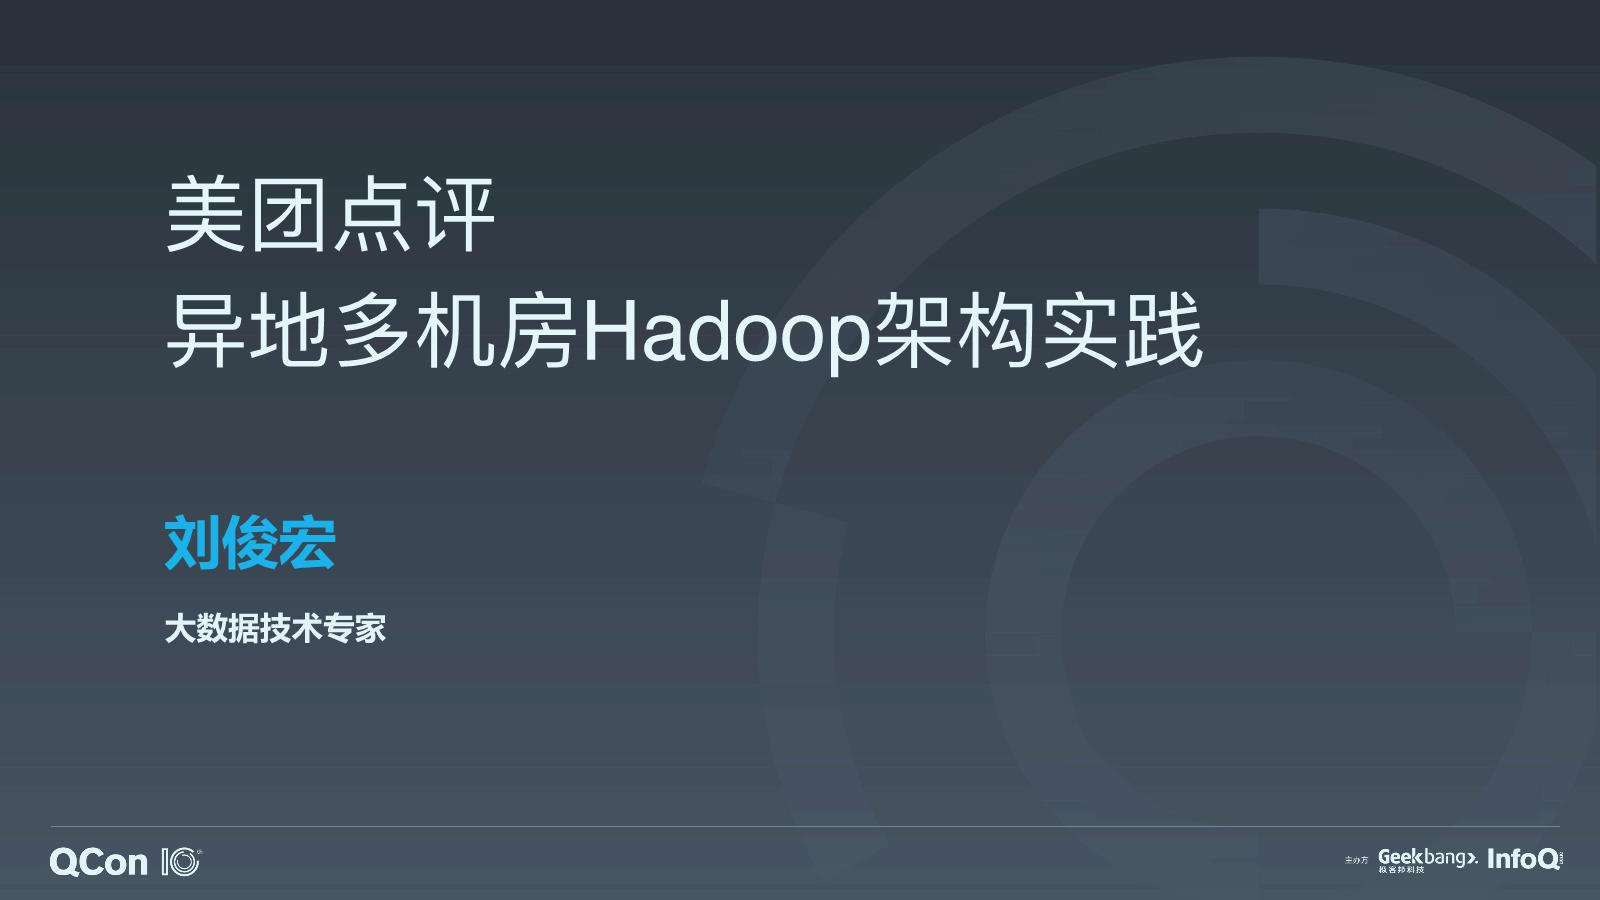 刘俊宏-美团点评常态、异地、多机房、单集群 Hadoop 架构实践